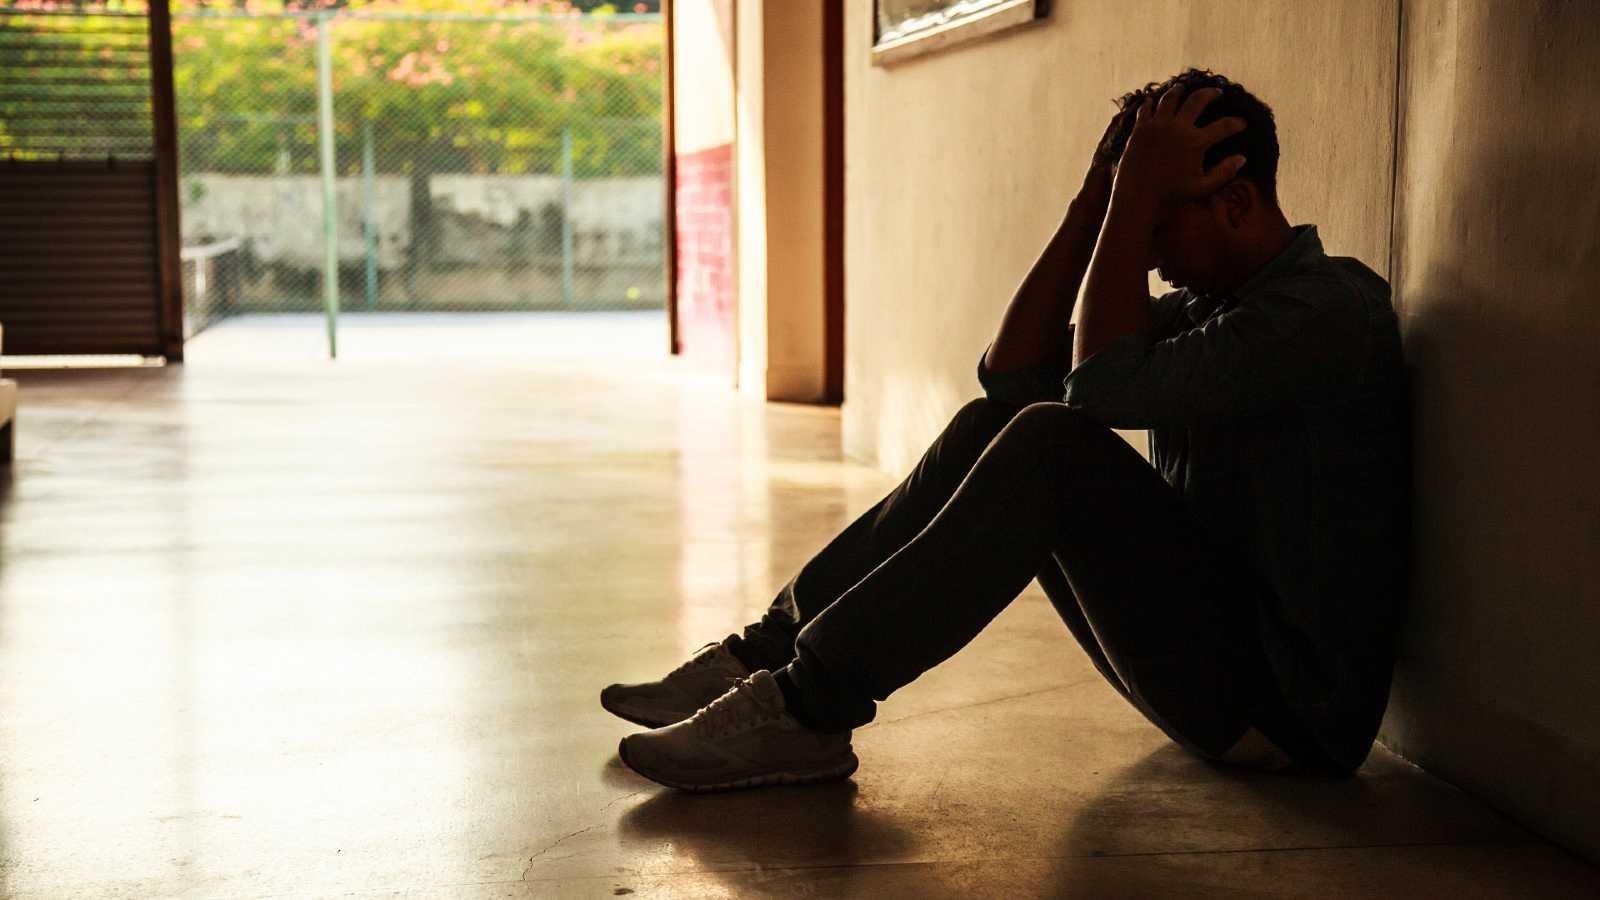 Un joven se sienta angustiado en los pasillos de un centro escolar.